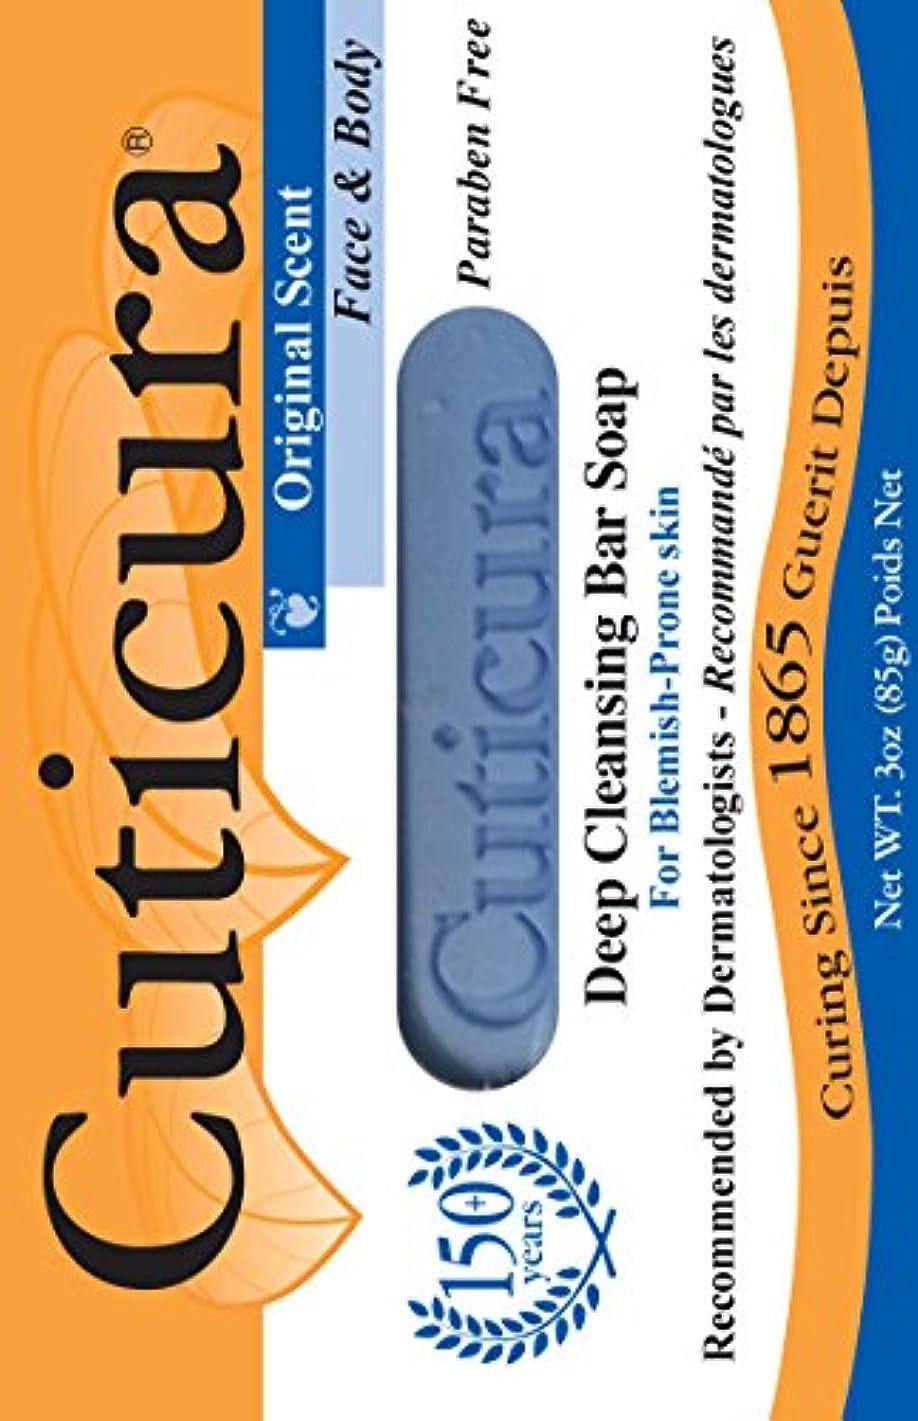 気まぐれなアミューズ水曜日Cuticura Medicated Anti-Bacterial Bar Soap, Original Formula, 3 oz bar (Pack of 6) by Cuticura